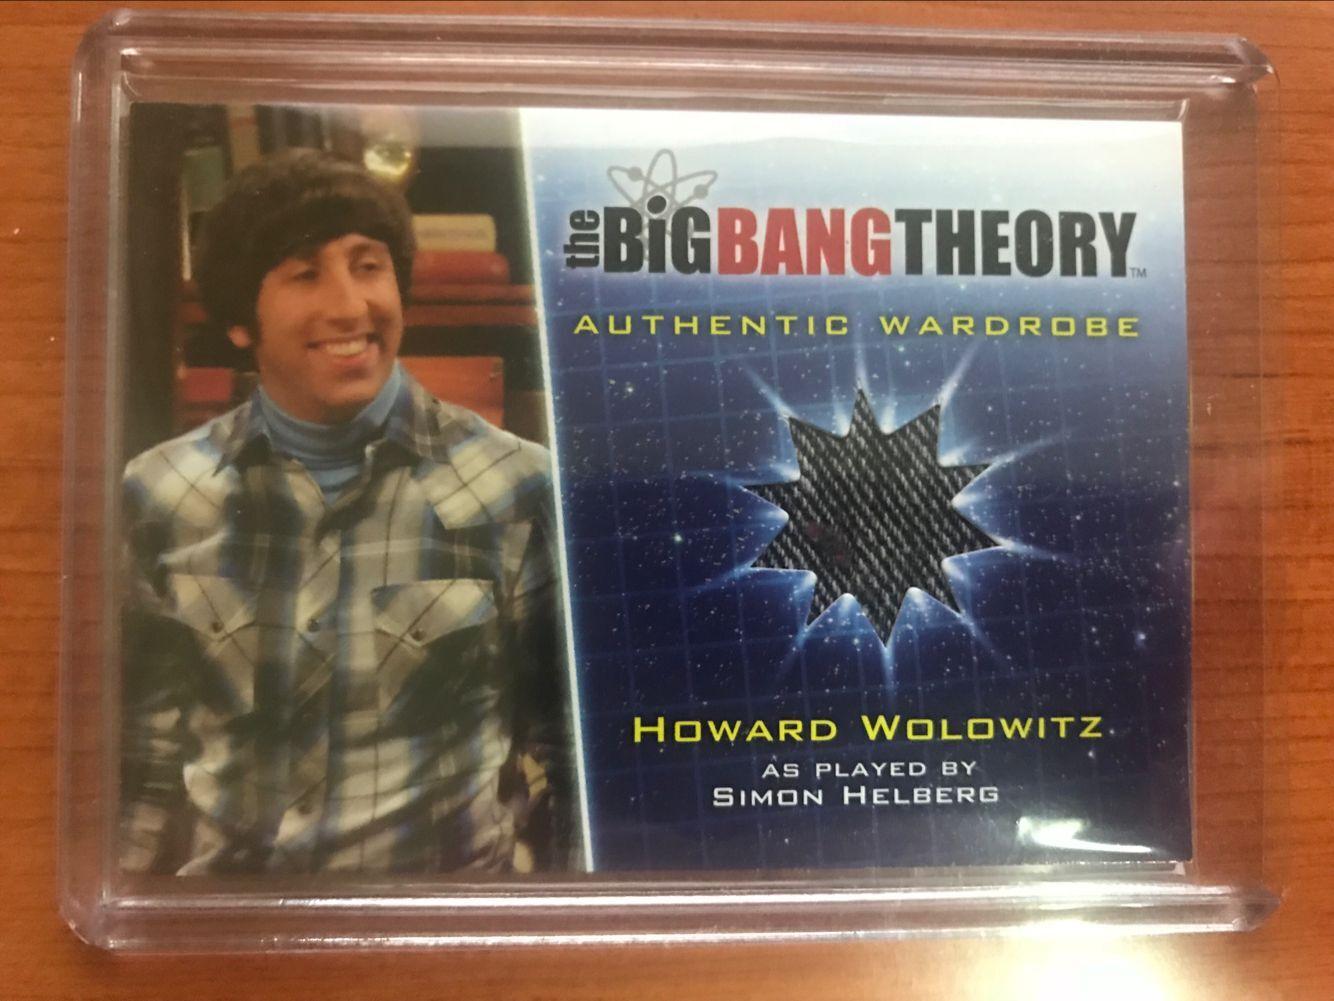 美剧the big bang theory 生活大爆炸 西蒙·赫尔伯格